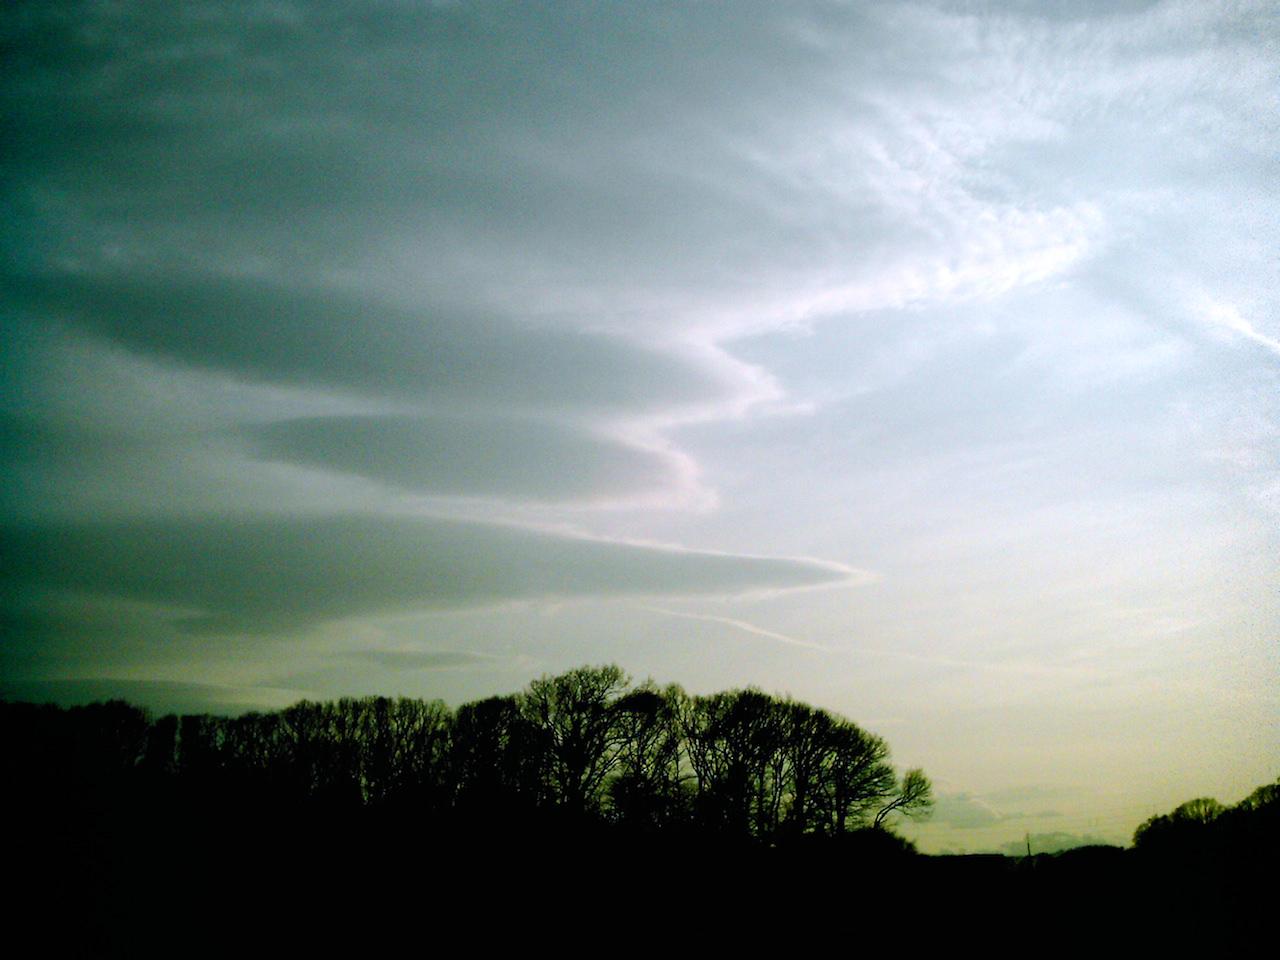 Polaroid-a520_sky20140419-4.jpg